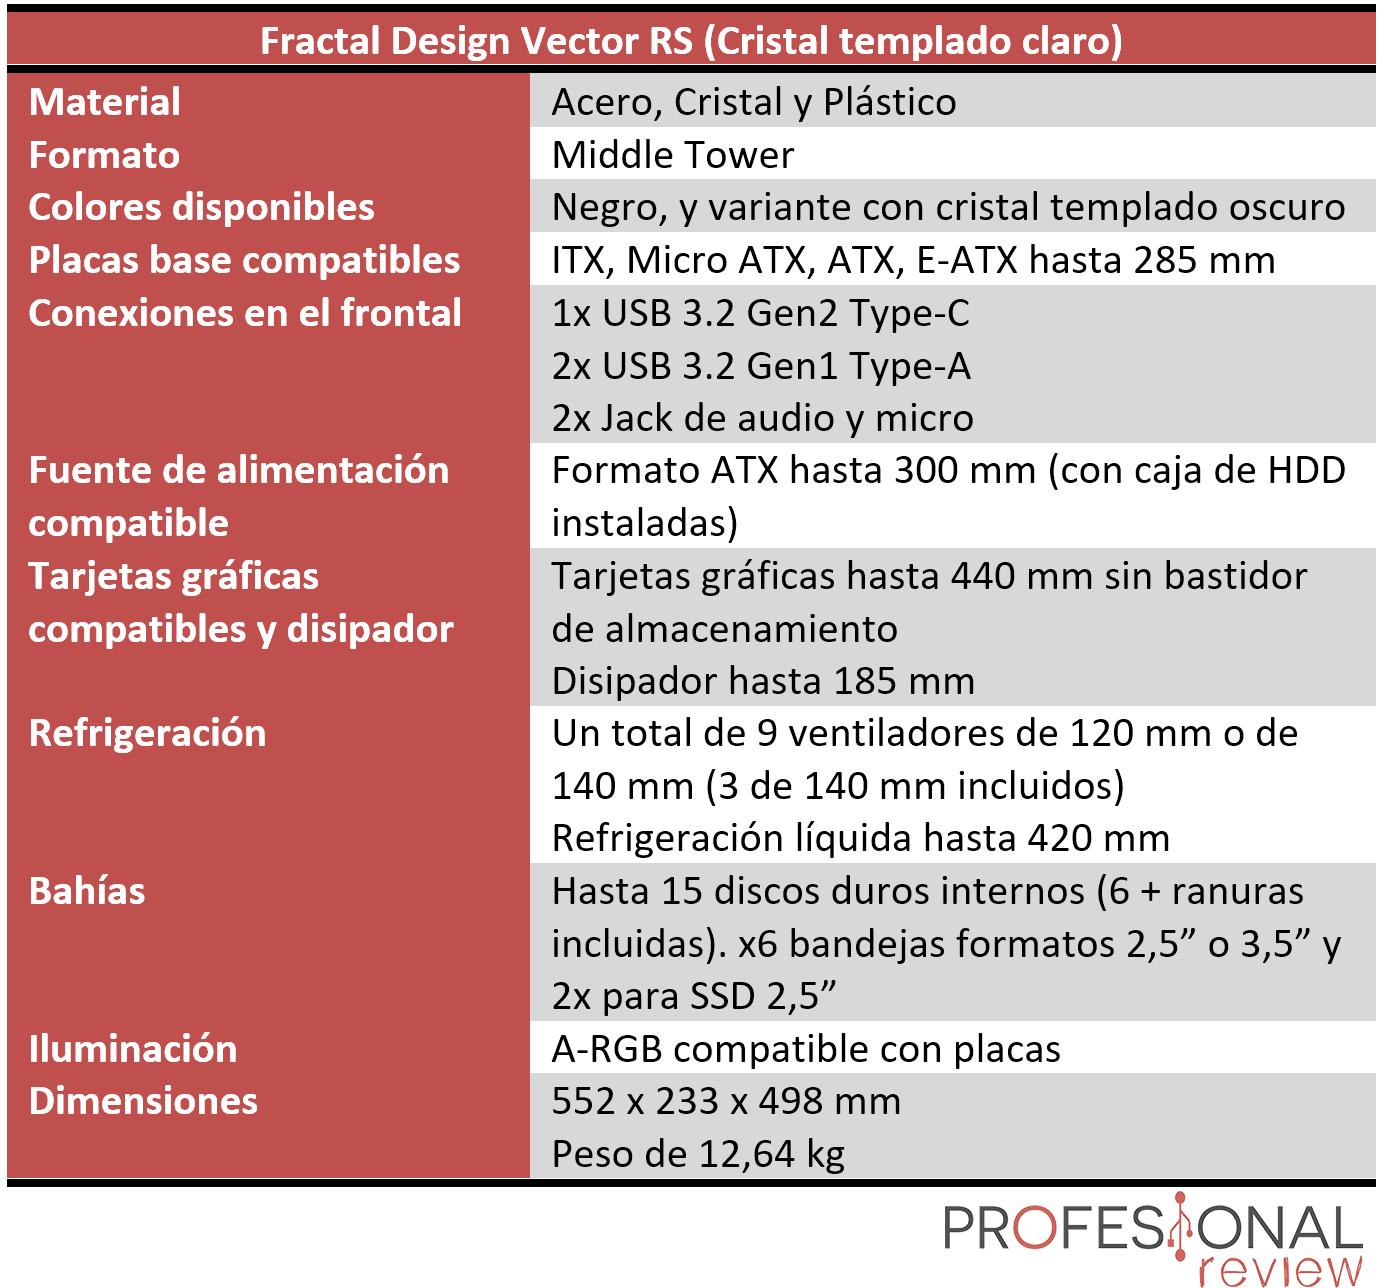 Fractal Design Vector RS Características